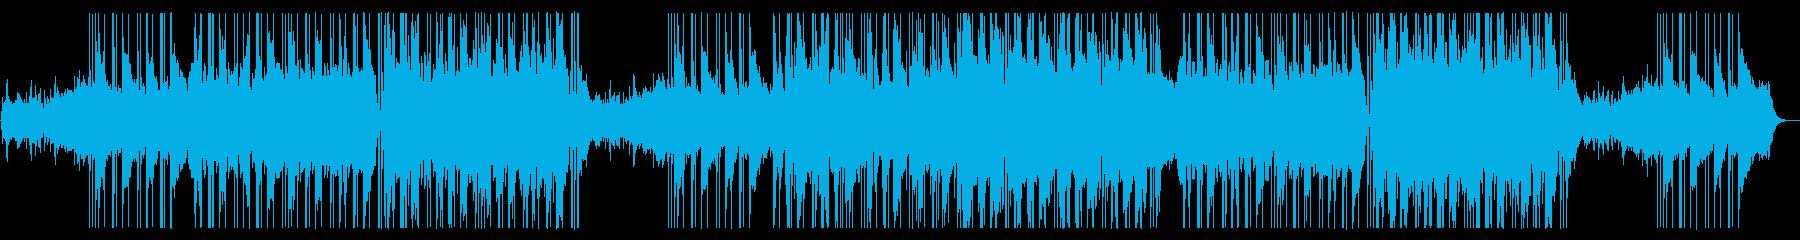 セクシーなR&Bラブバラードの再生済みの波形